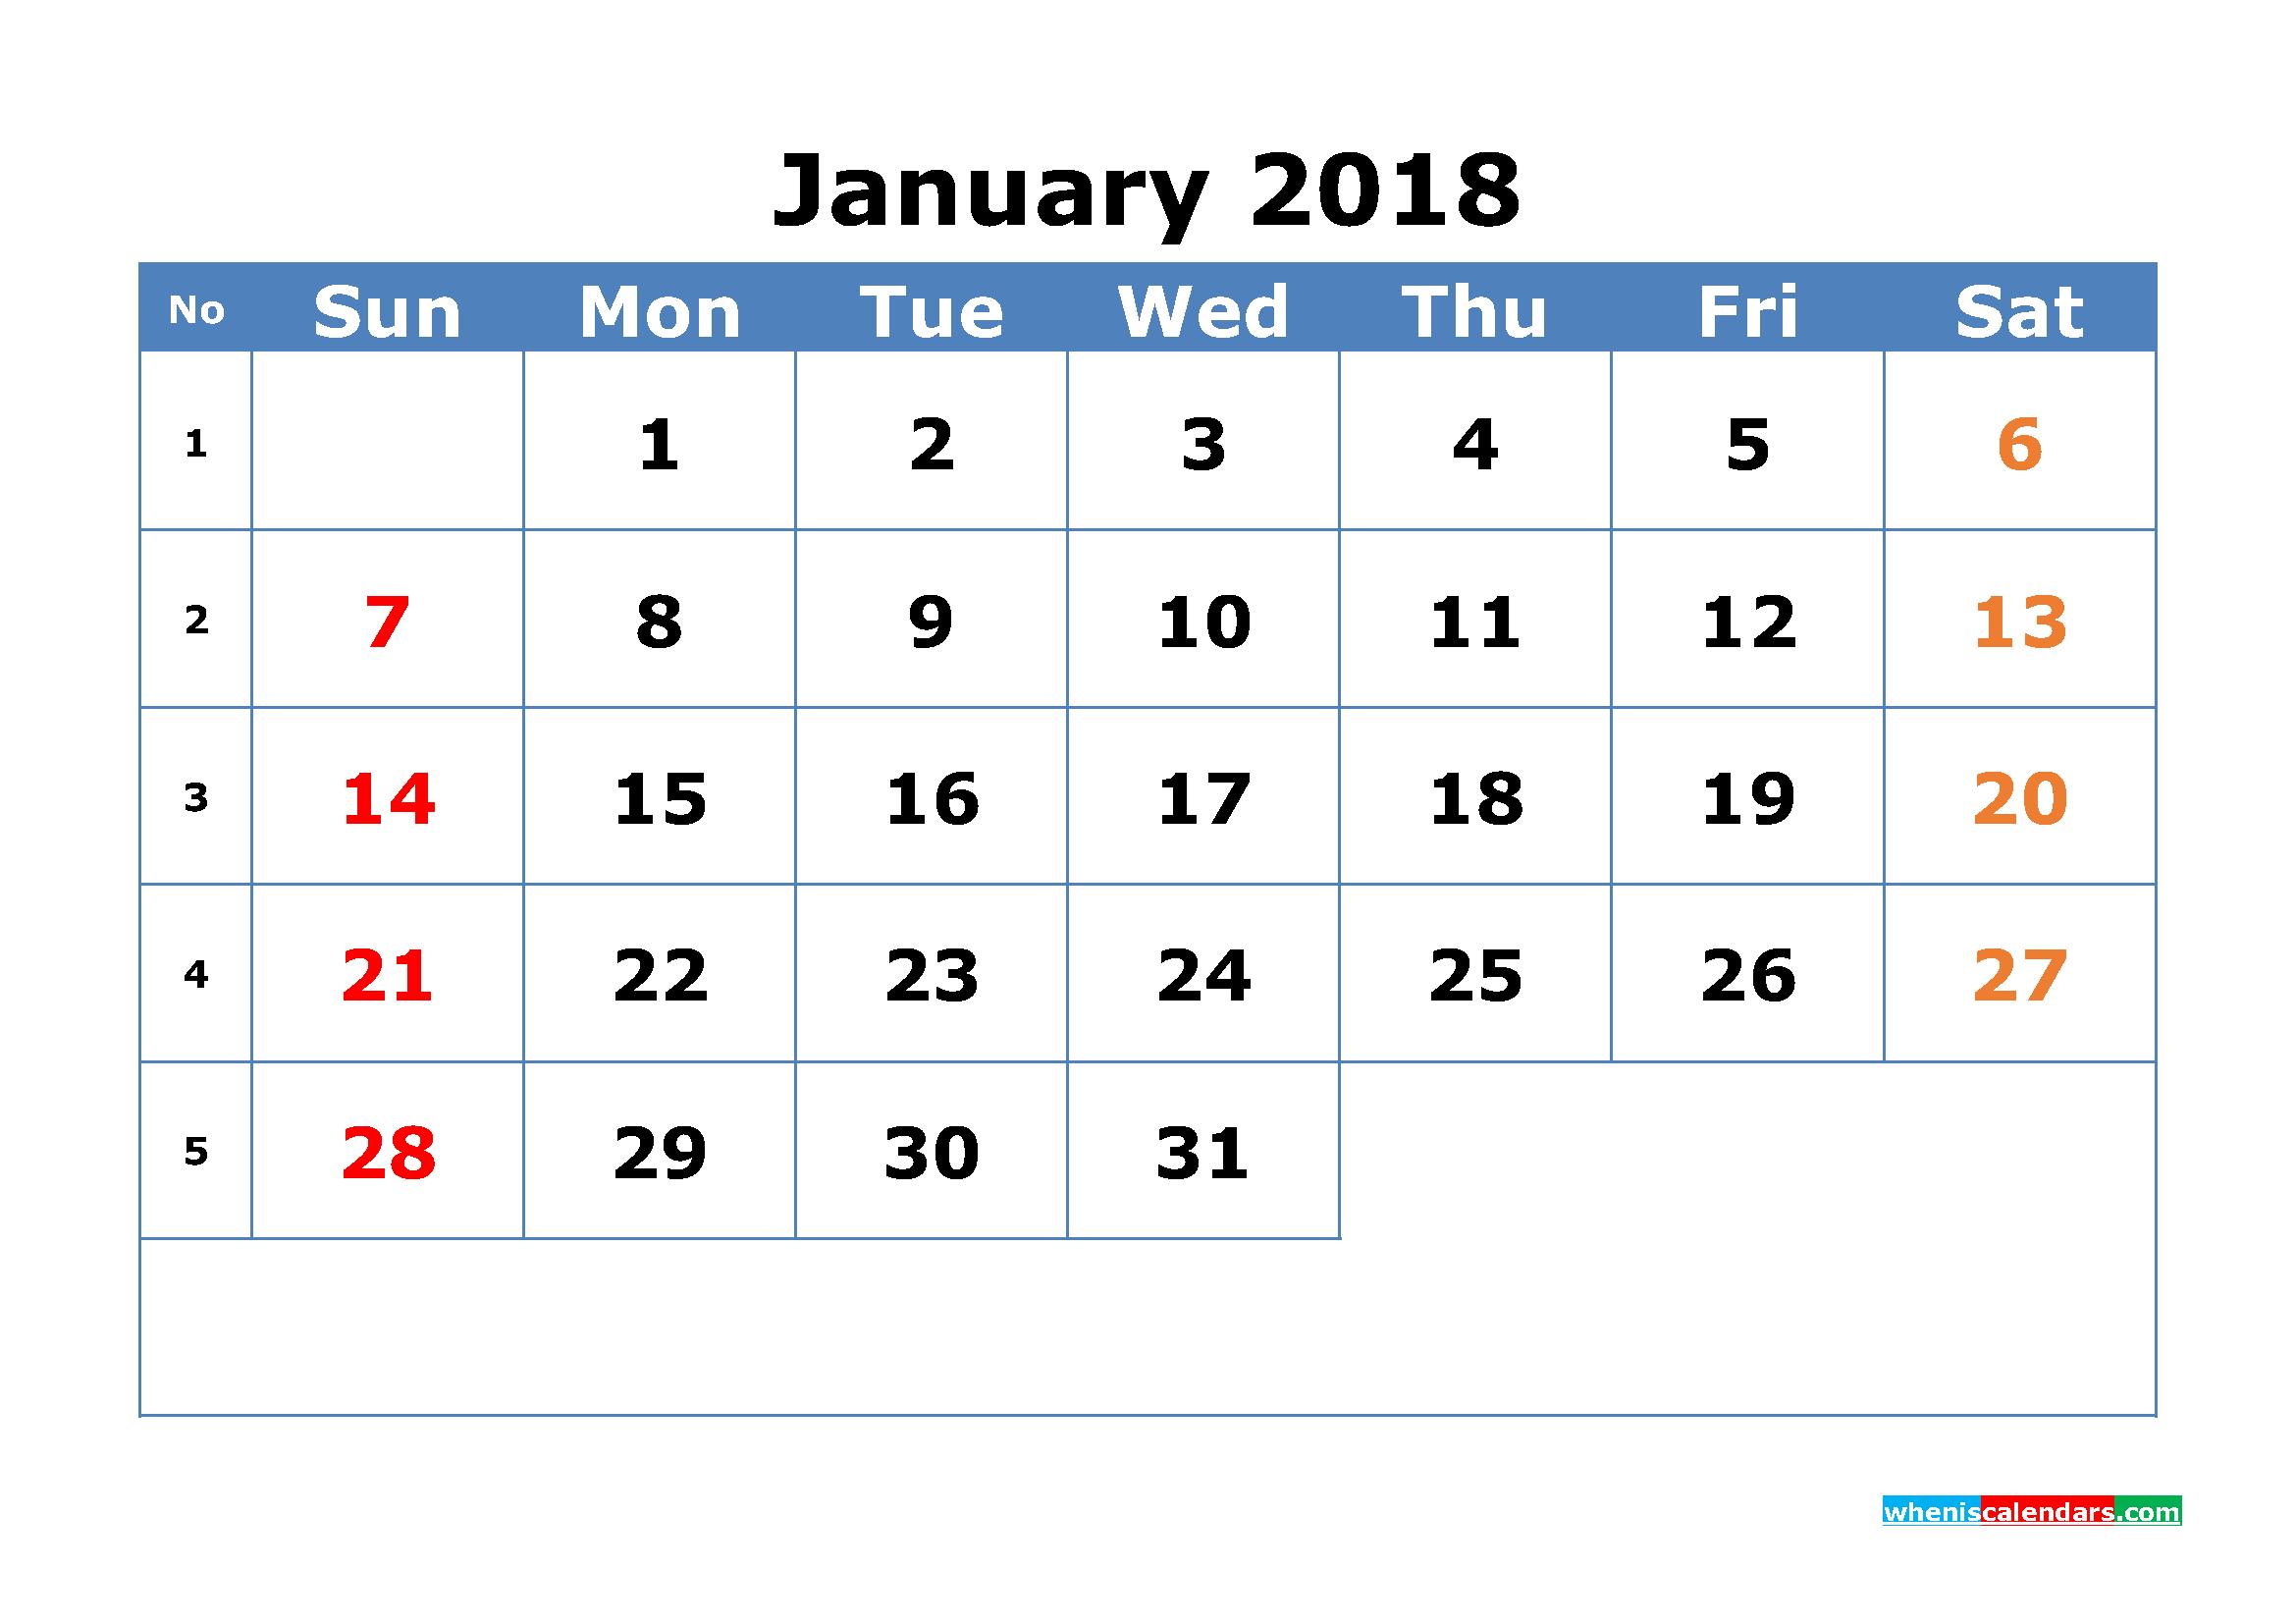 Monthly Calendar By Week : Printable calendar january with week numbers pdf